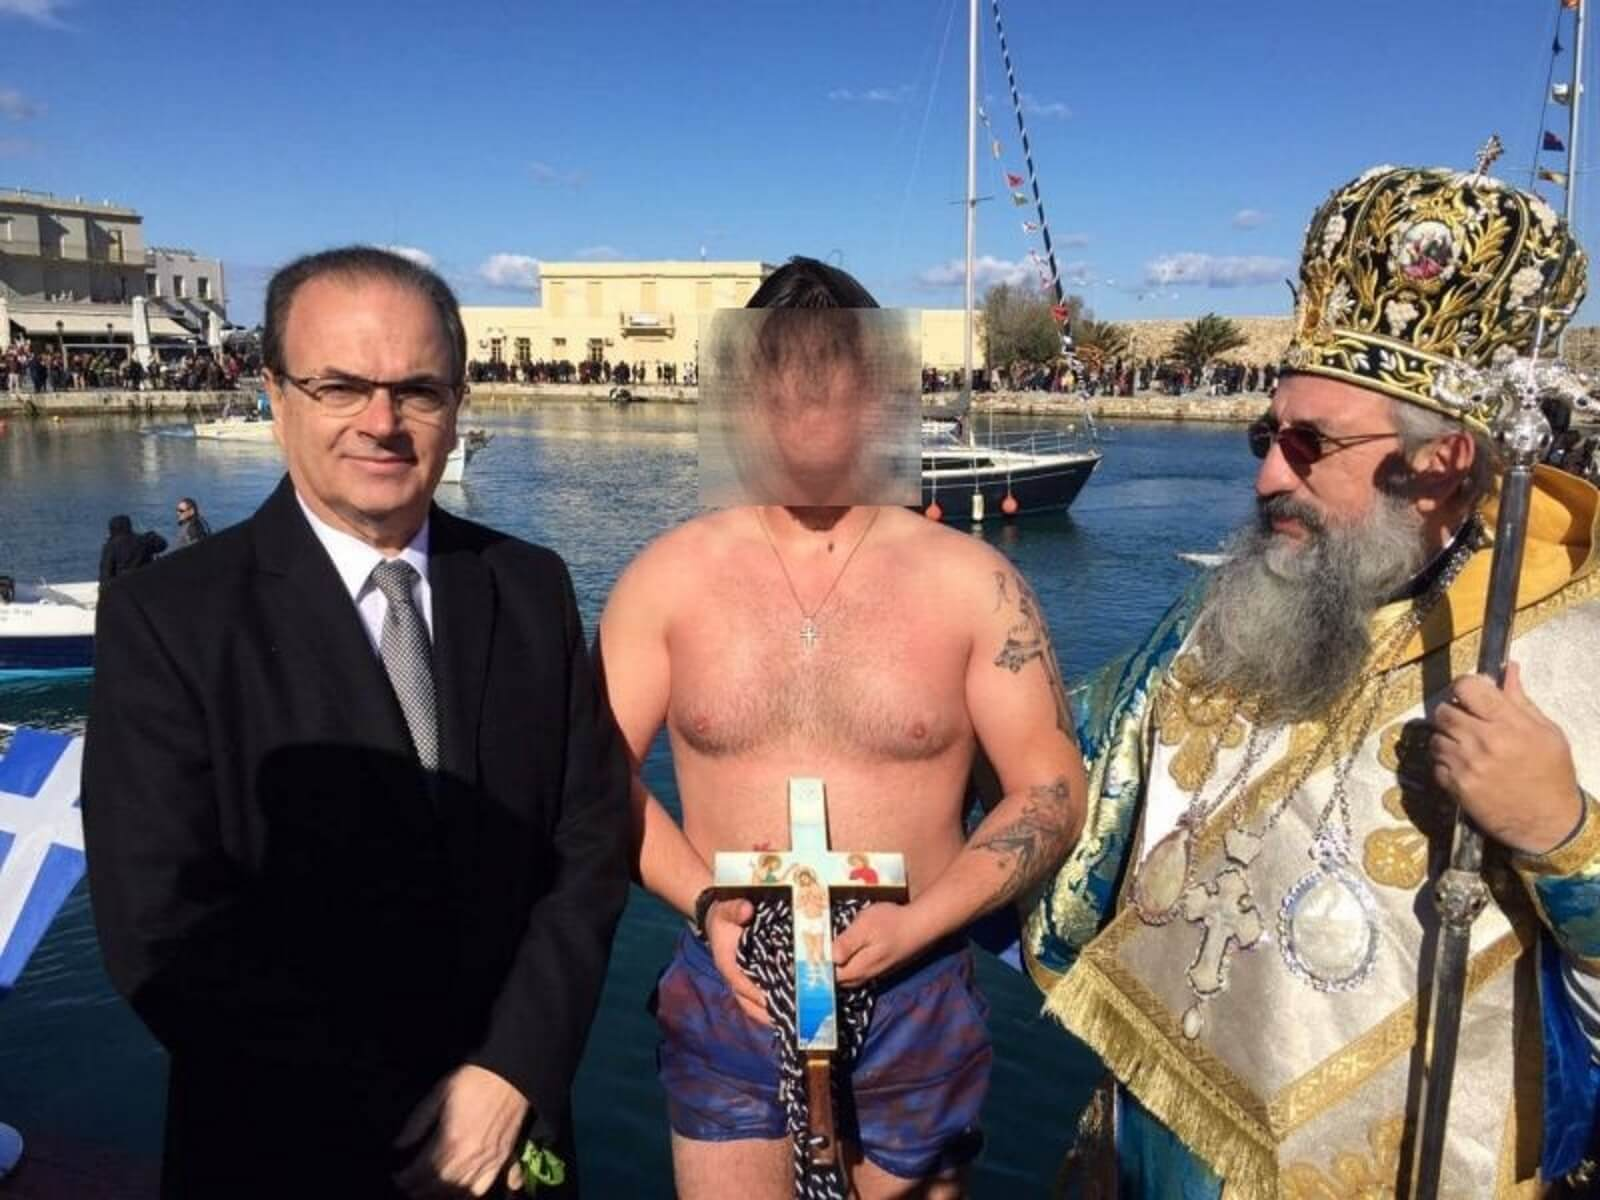 Τραγικό παιχνίδι της μοίρας! Είχε πιάσει το Σταυρό ο νεαρός που σκοτώθηκε στην Κρήτη